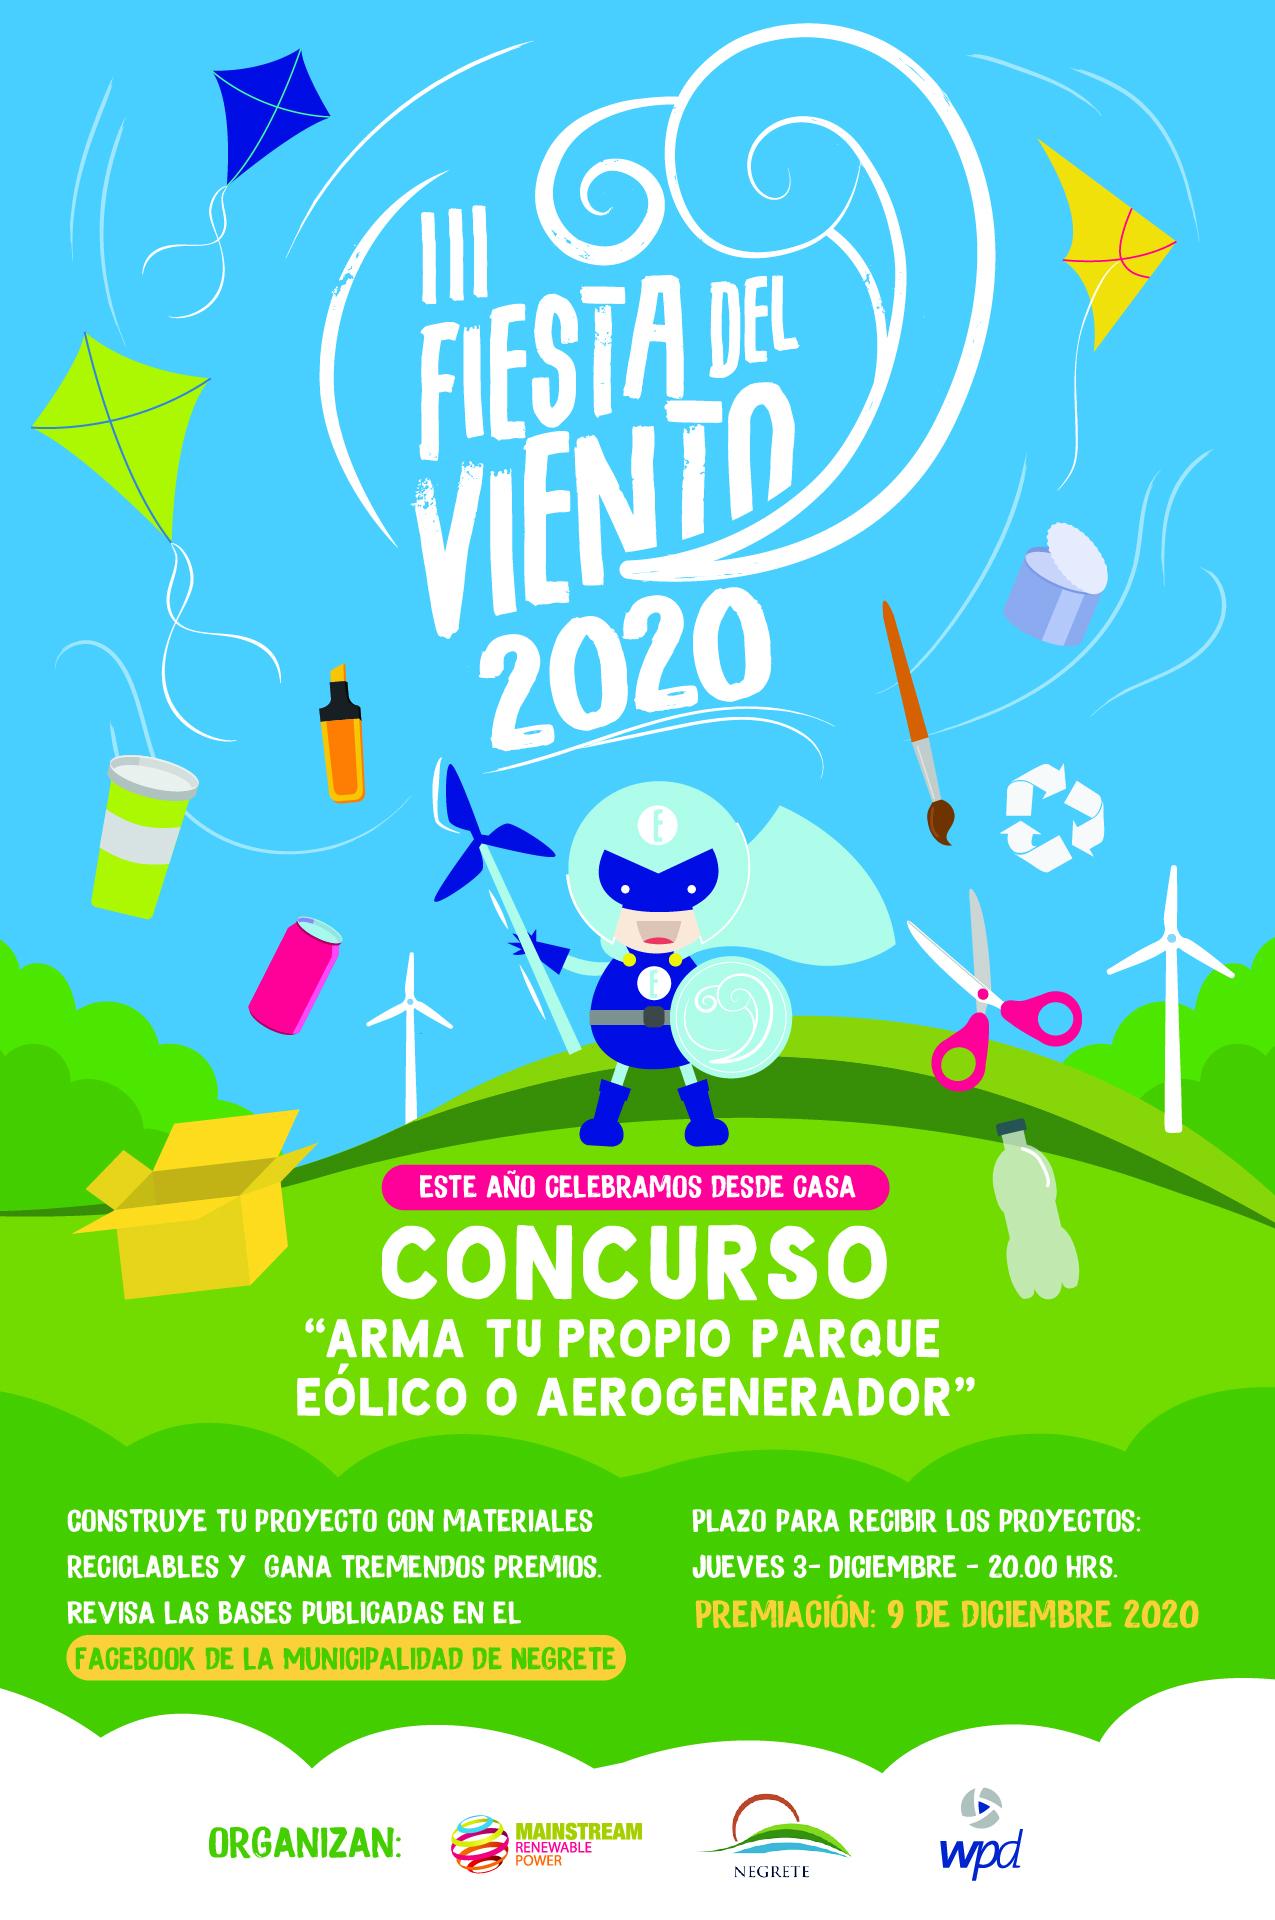 Bases Concurso 'Fiesta del Viento' 2020